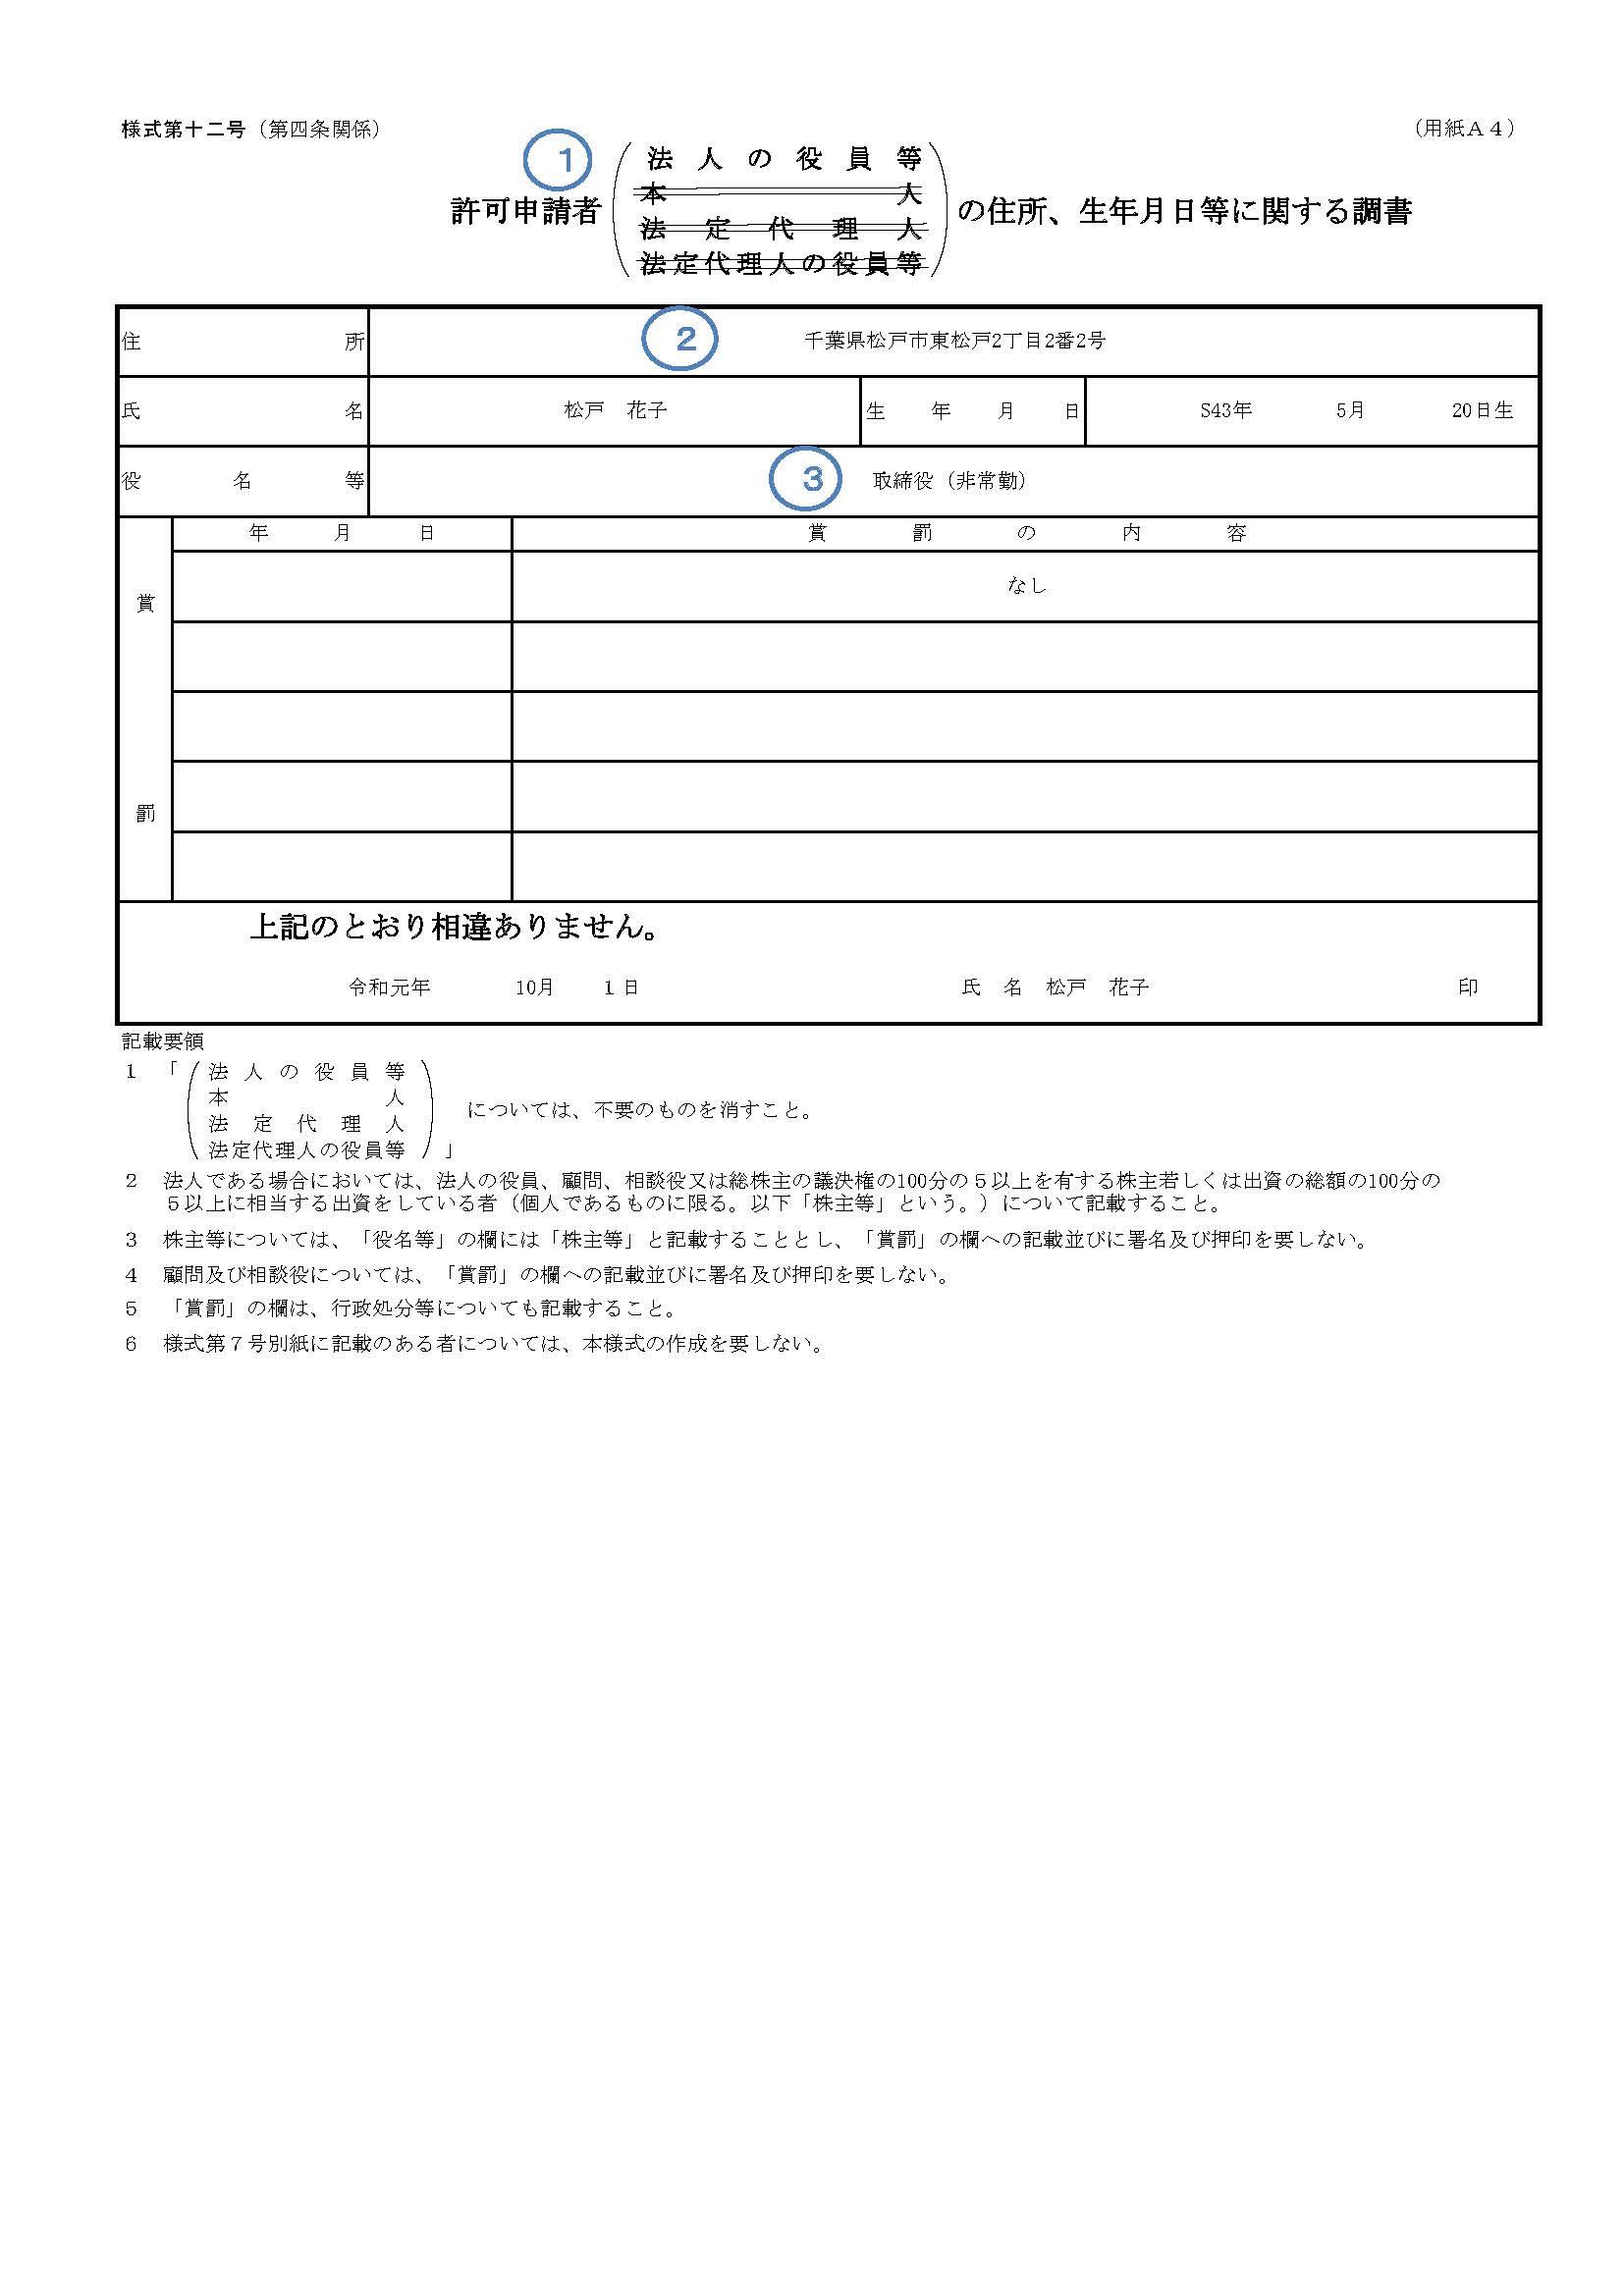 許可申請者の住所、生年月日等に関する調書